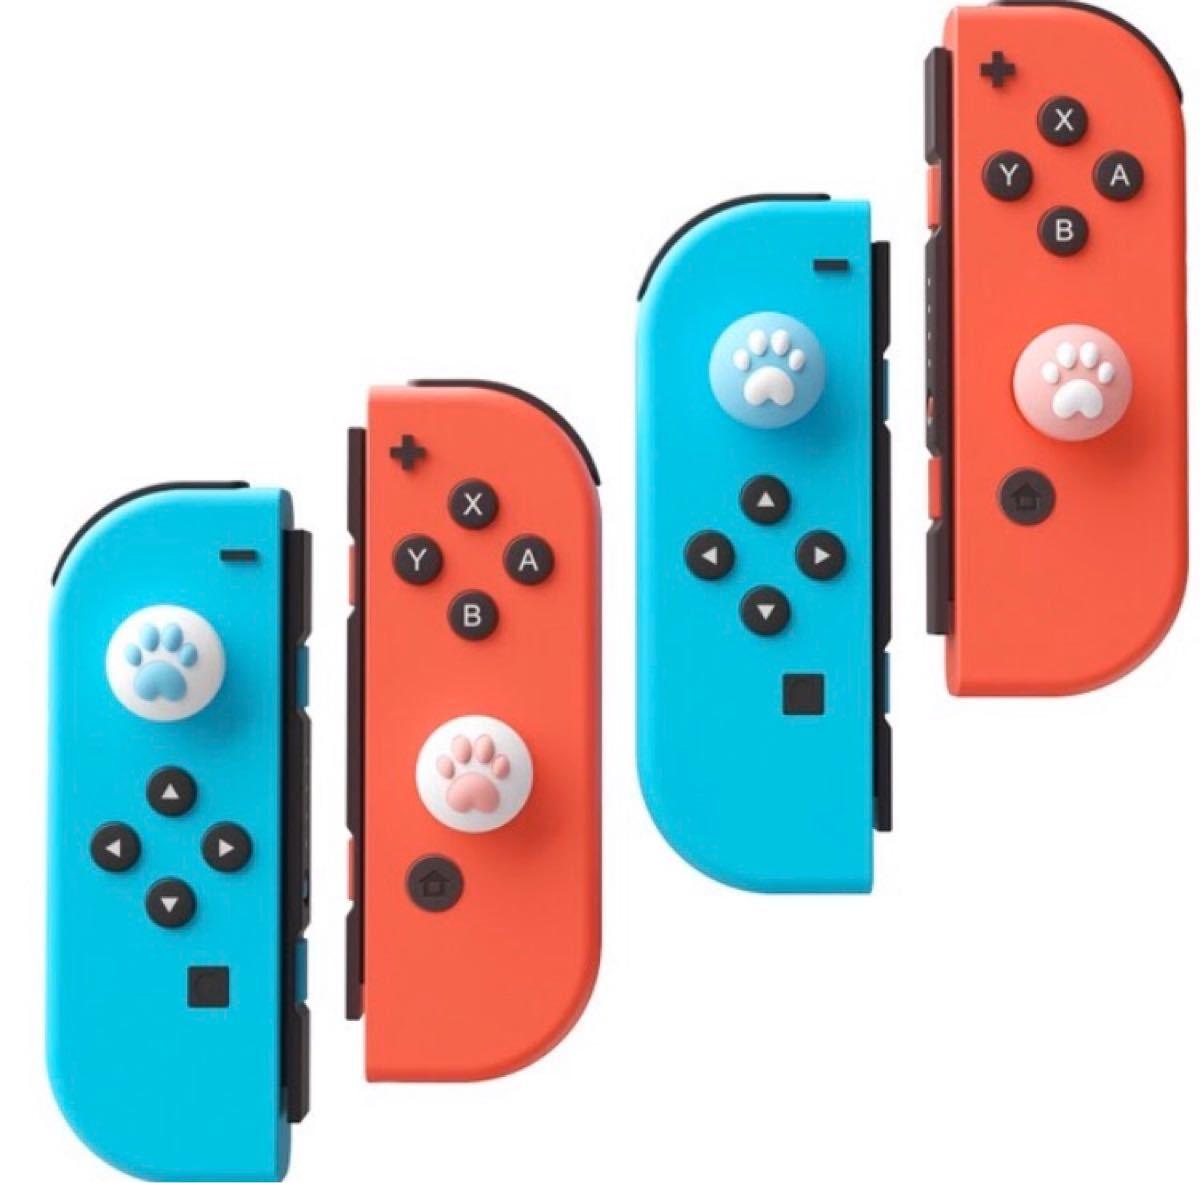 人気 スイッチ Switch Nintendo ジョイコン JoyCon カバー